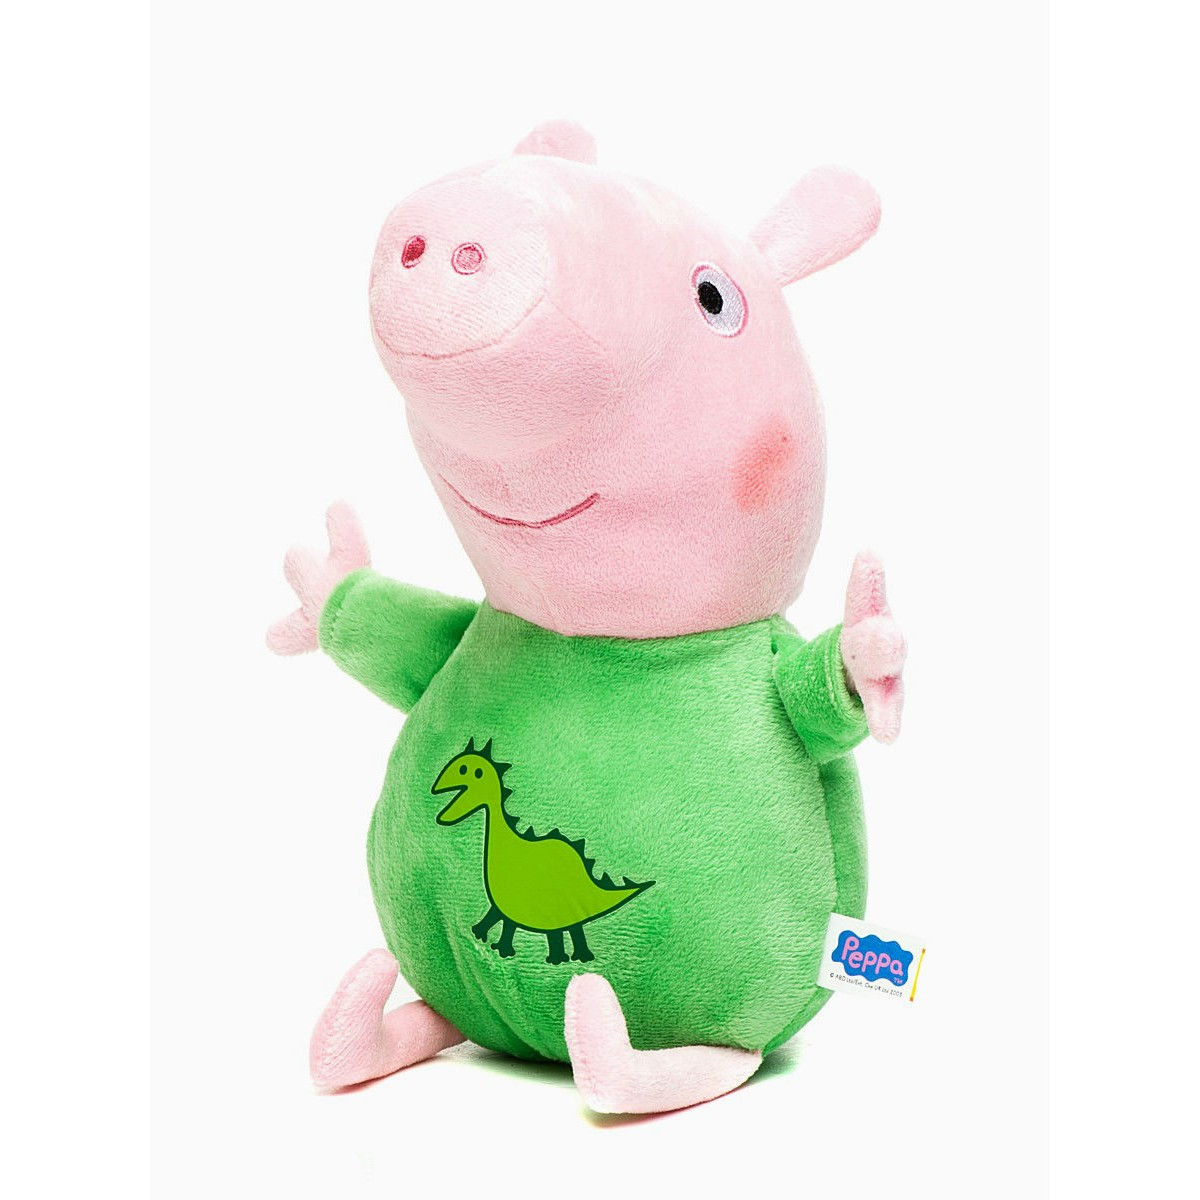 М'яка іграшка - Джордж з вишитим драконом (музичний, 25 см)